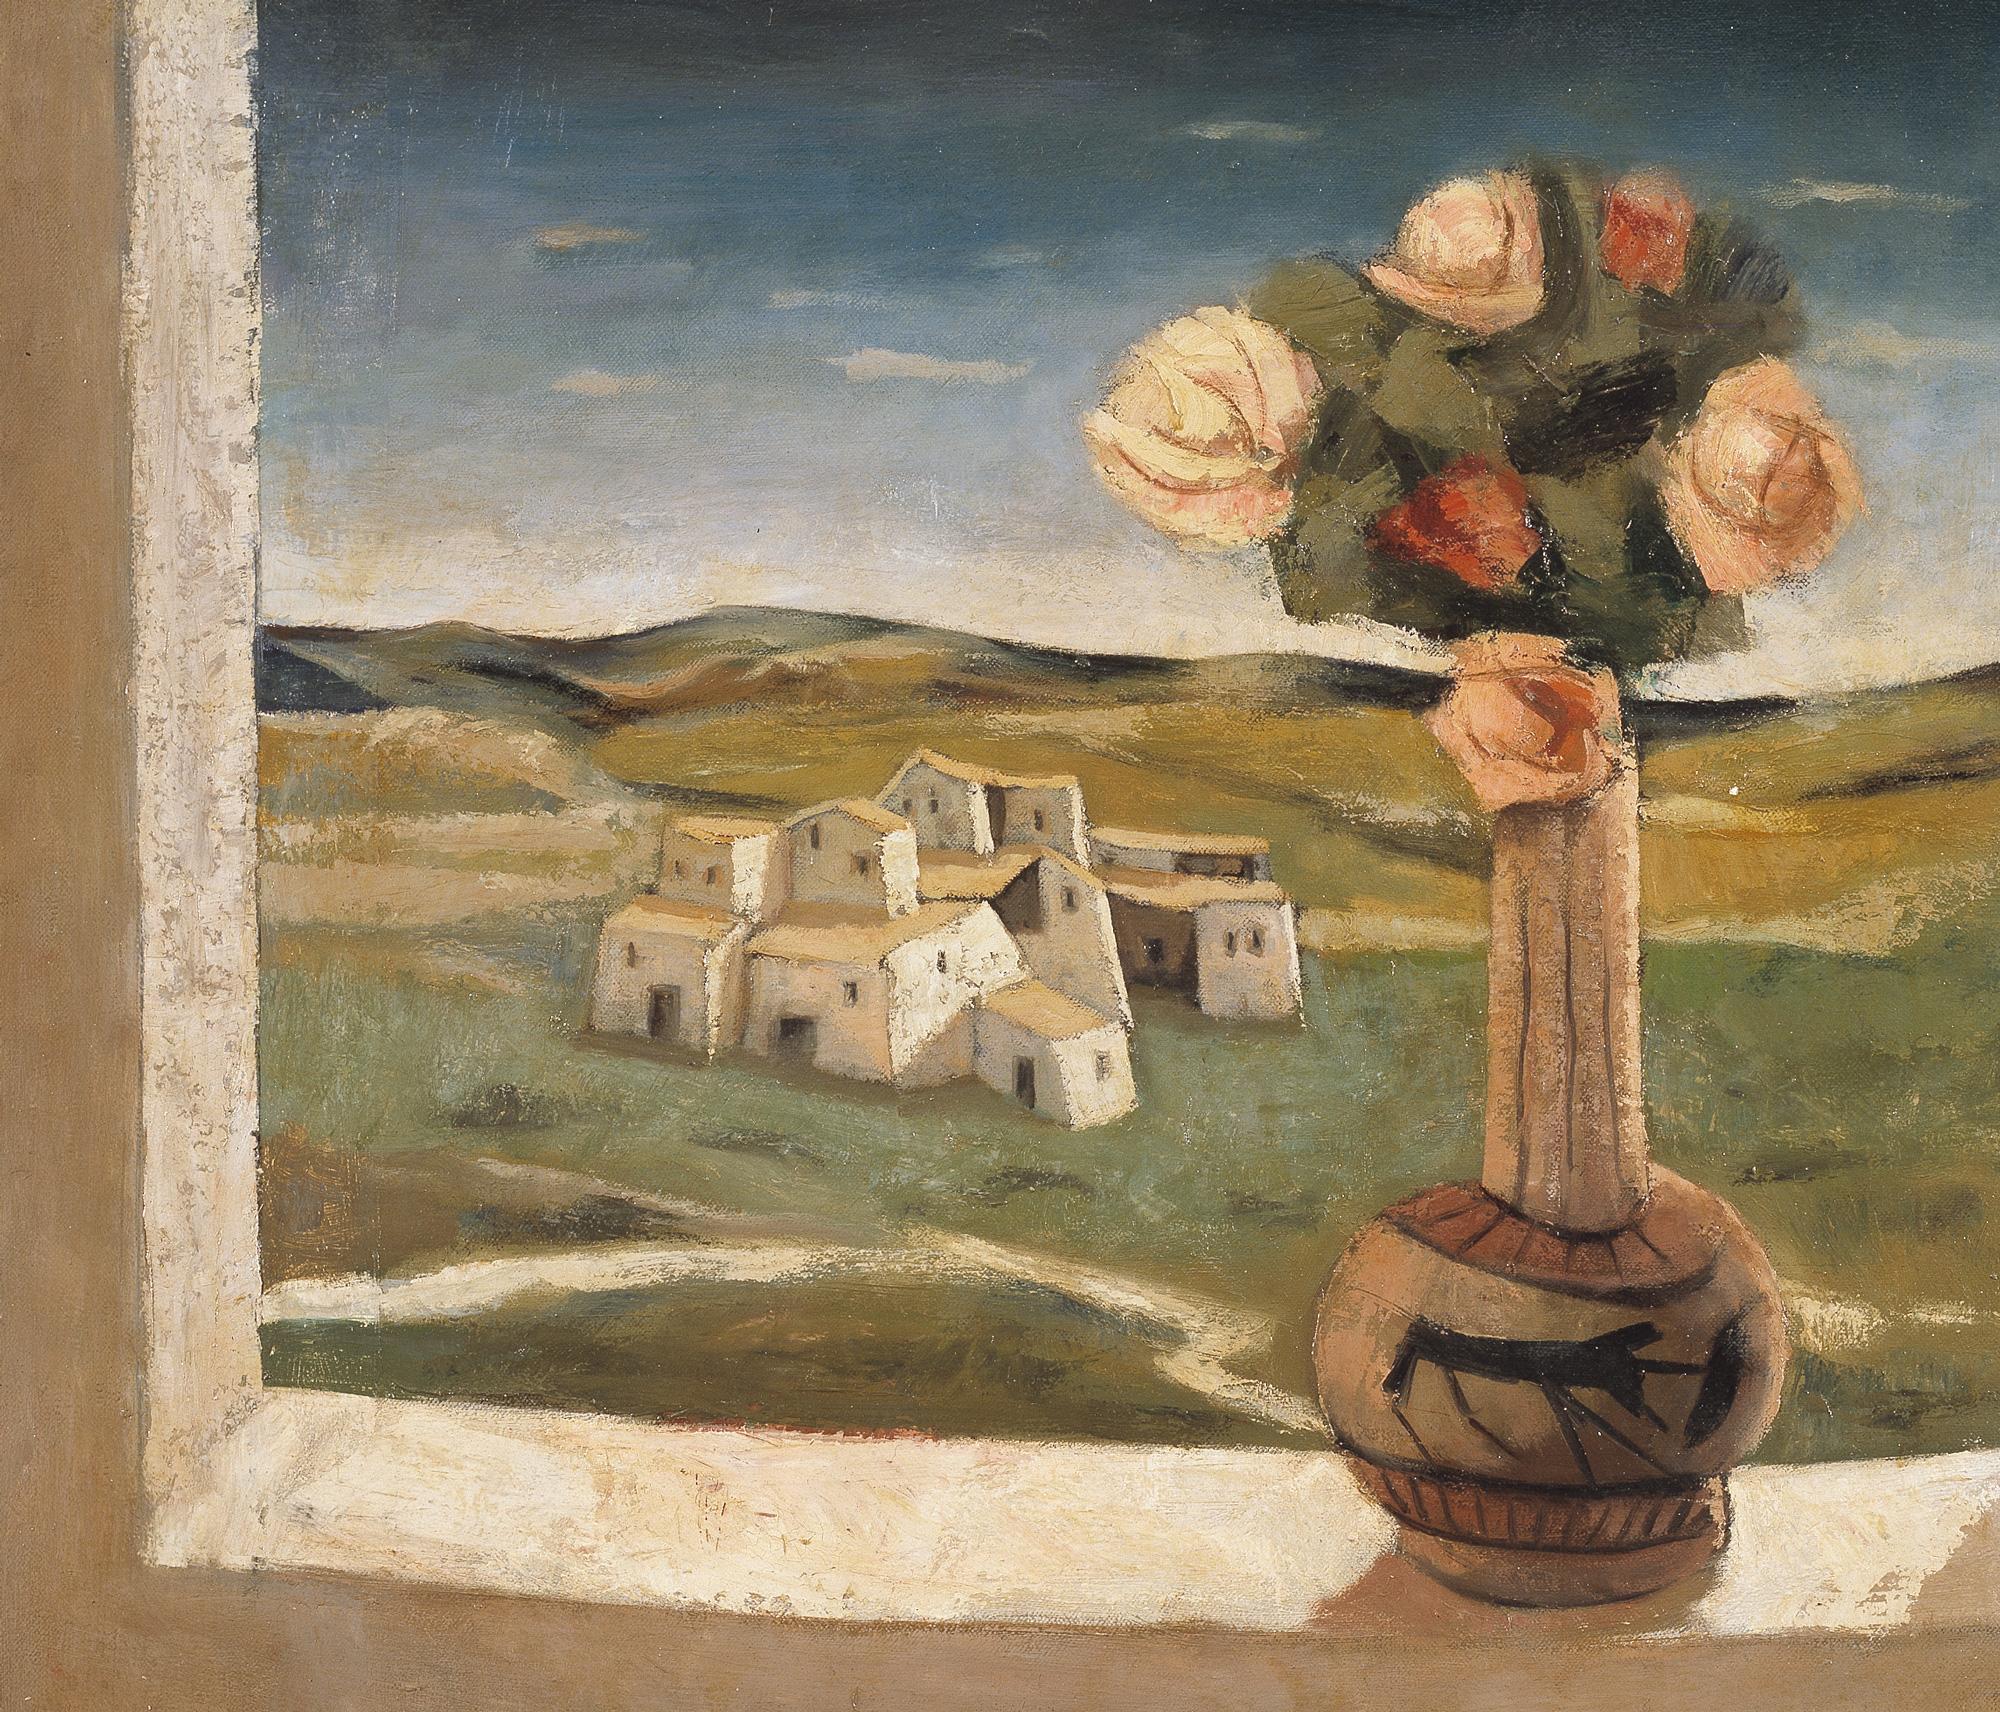 Carlo Segala